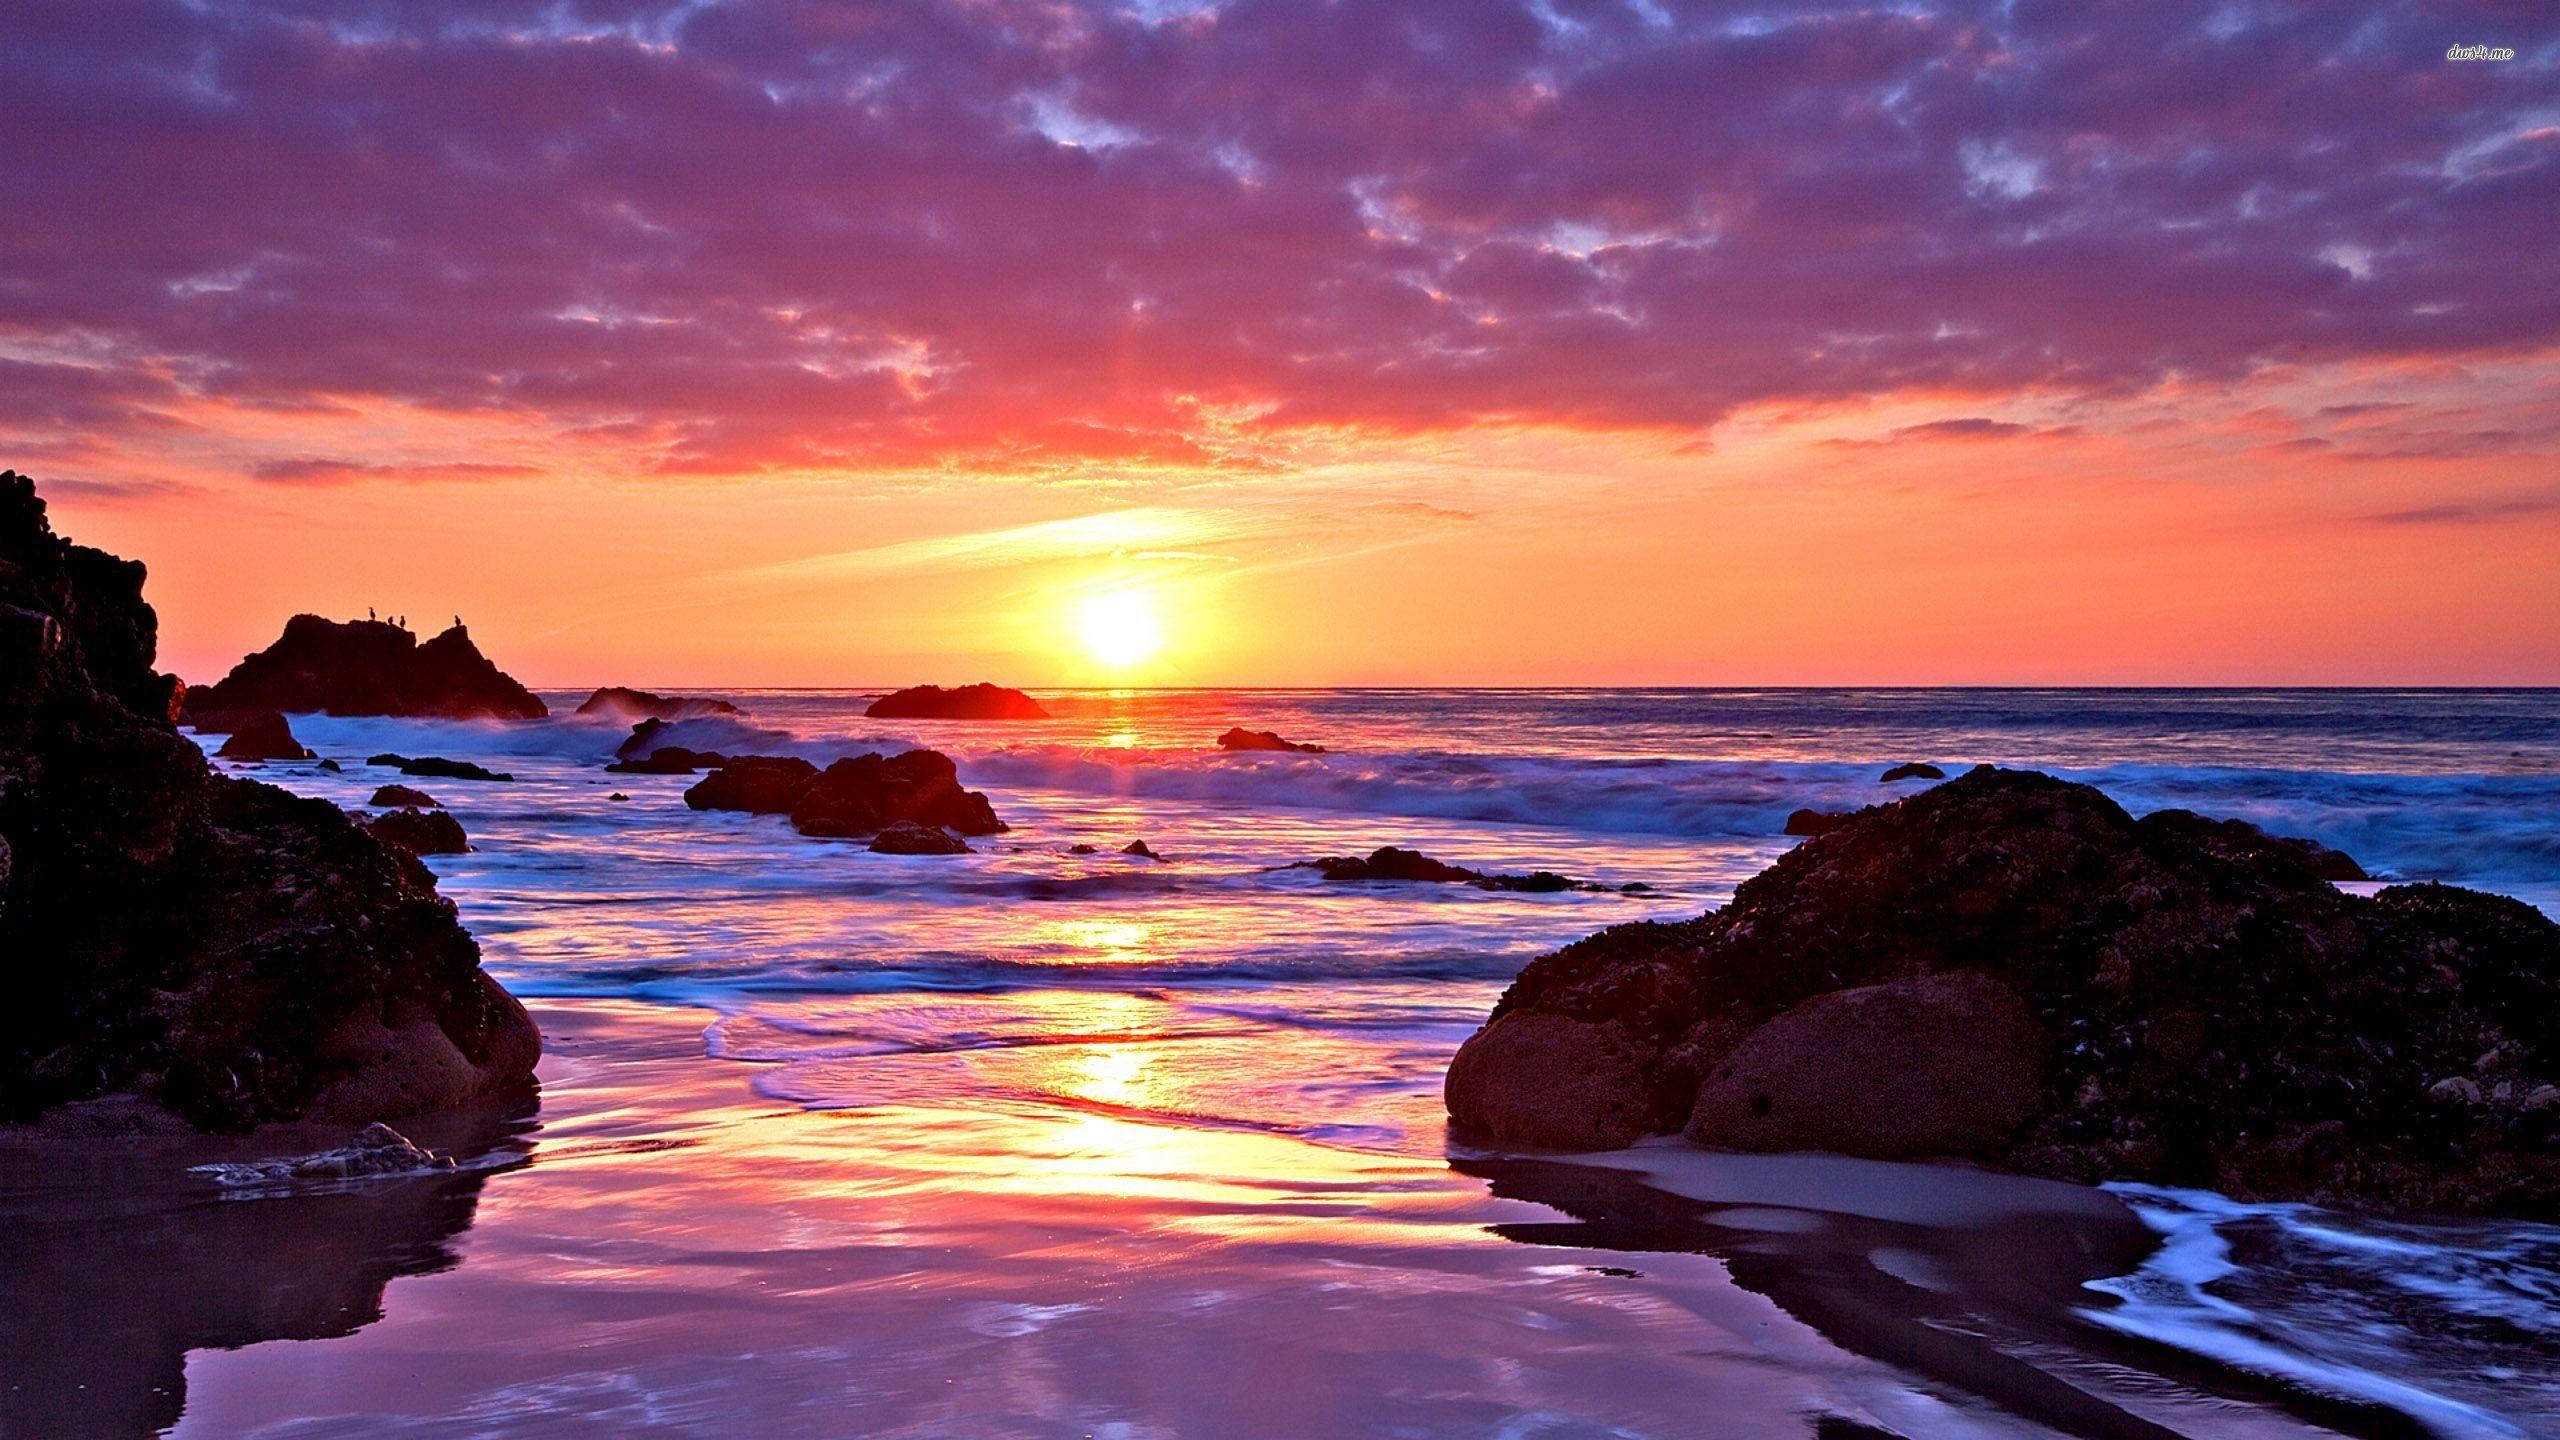 Res: 2560x1440, Ocean Sunset HD Wallpaper